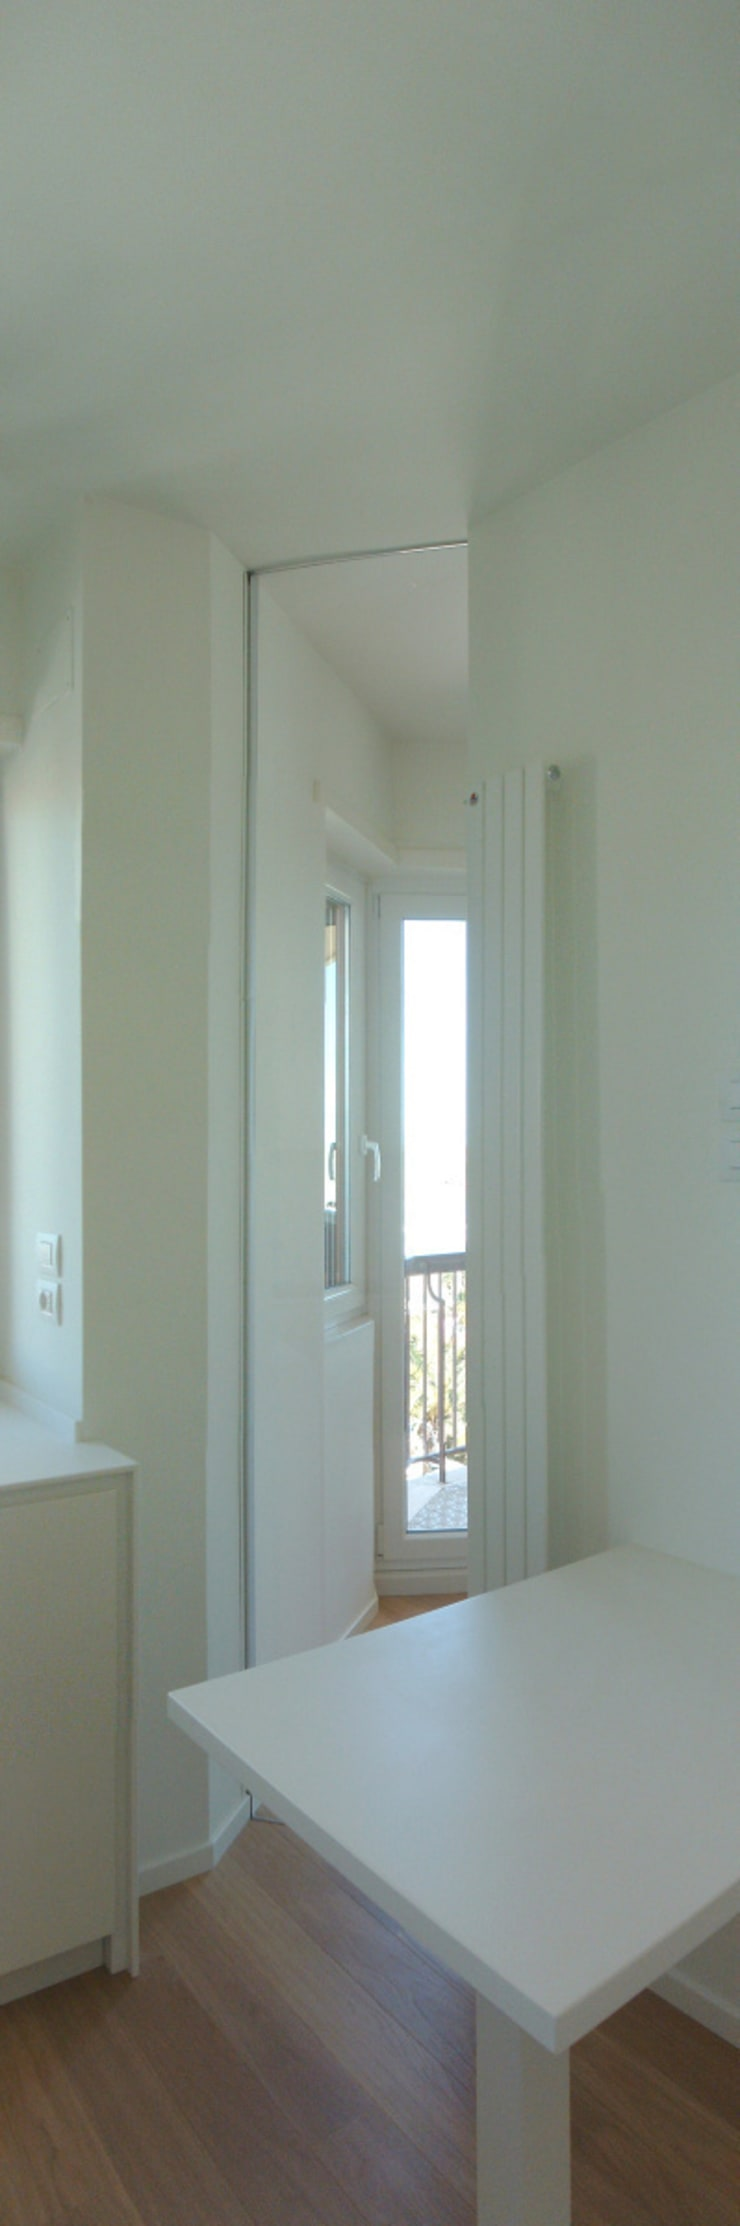 Appartamento a Porto San GIorgio: Cucina in stile  di coolstoodio associati,